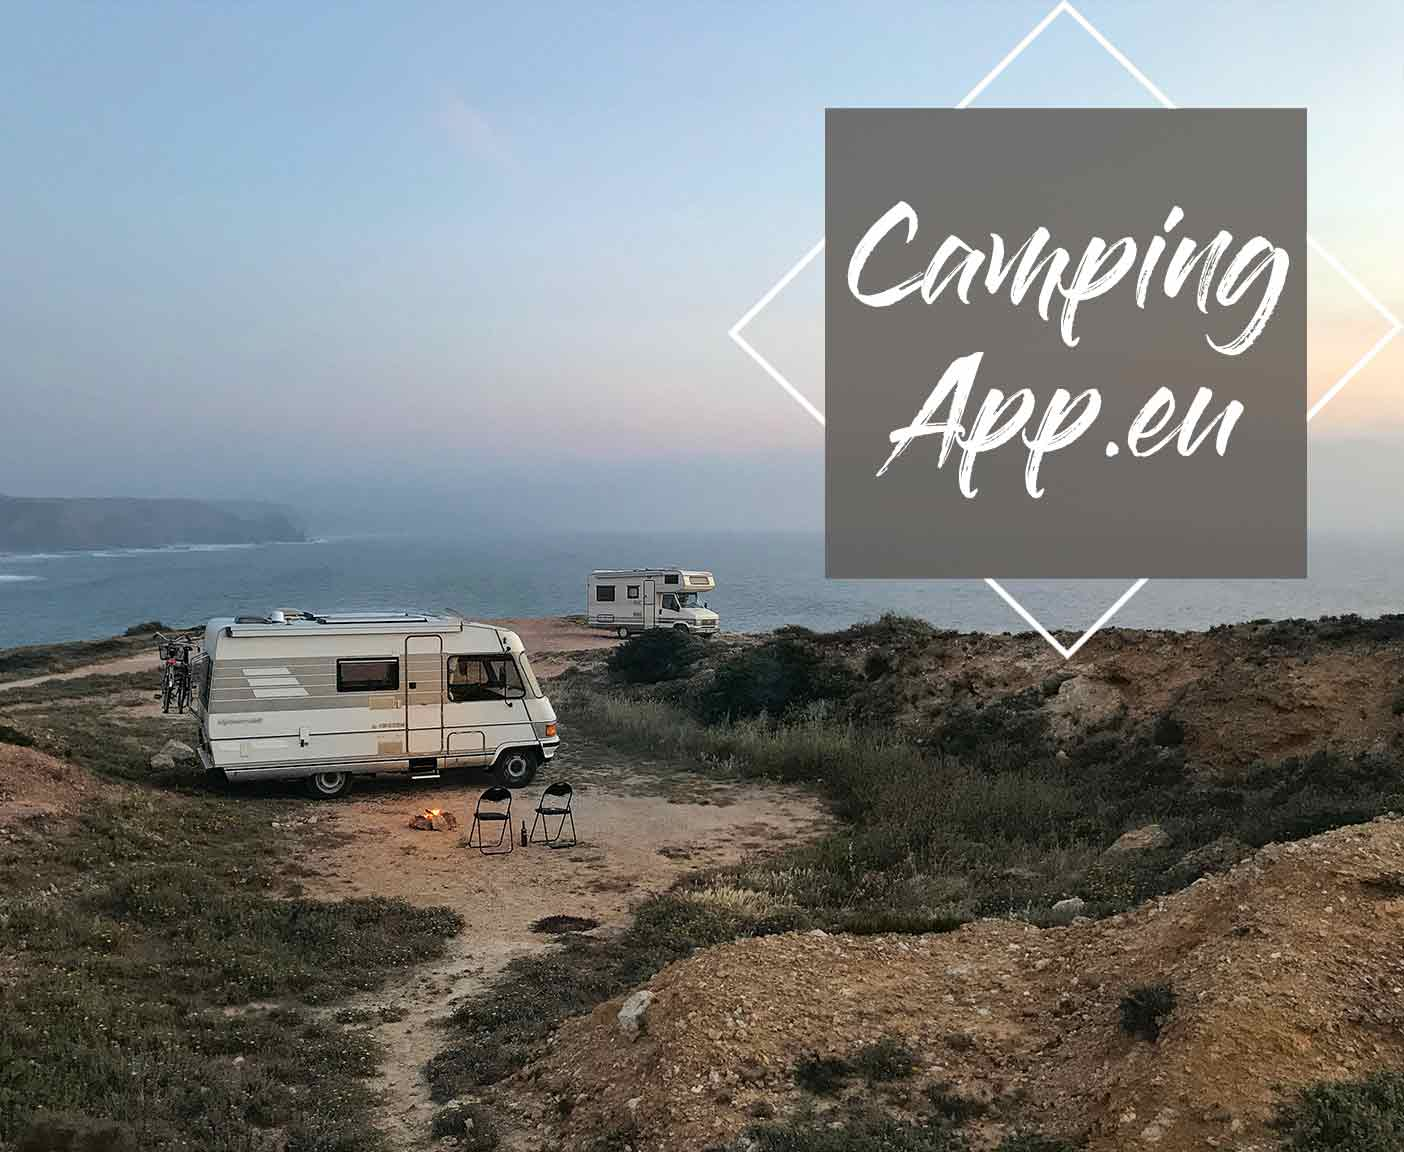 camping-app-eu-roadtrip-vanlife-europe-france-vacances-applications